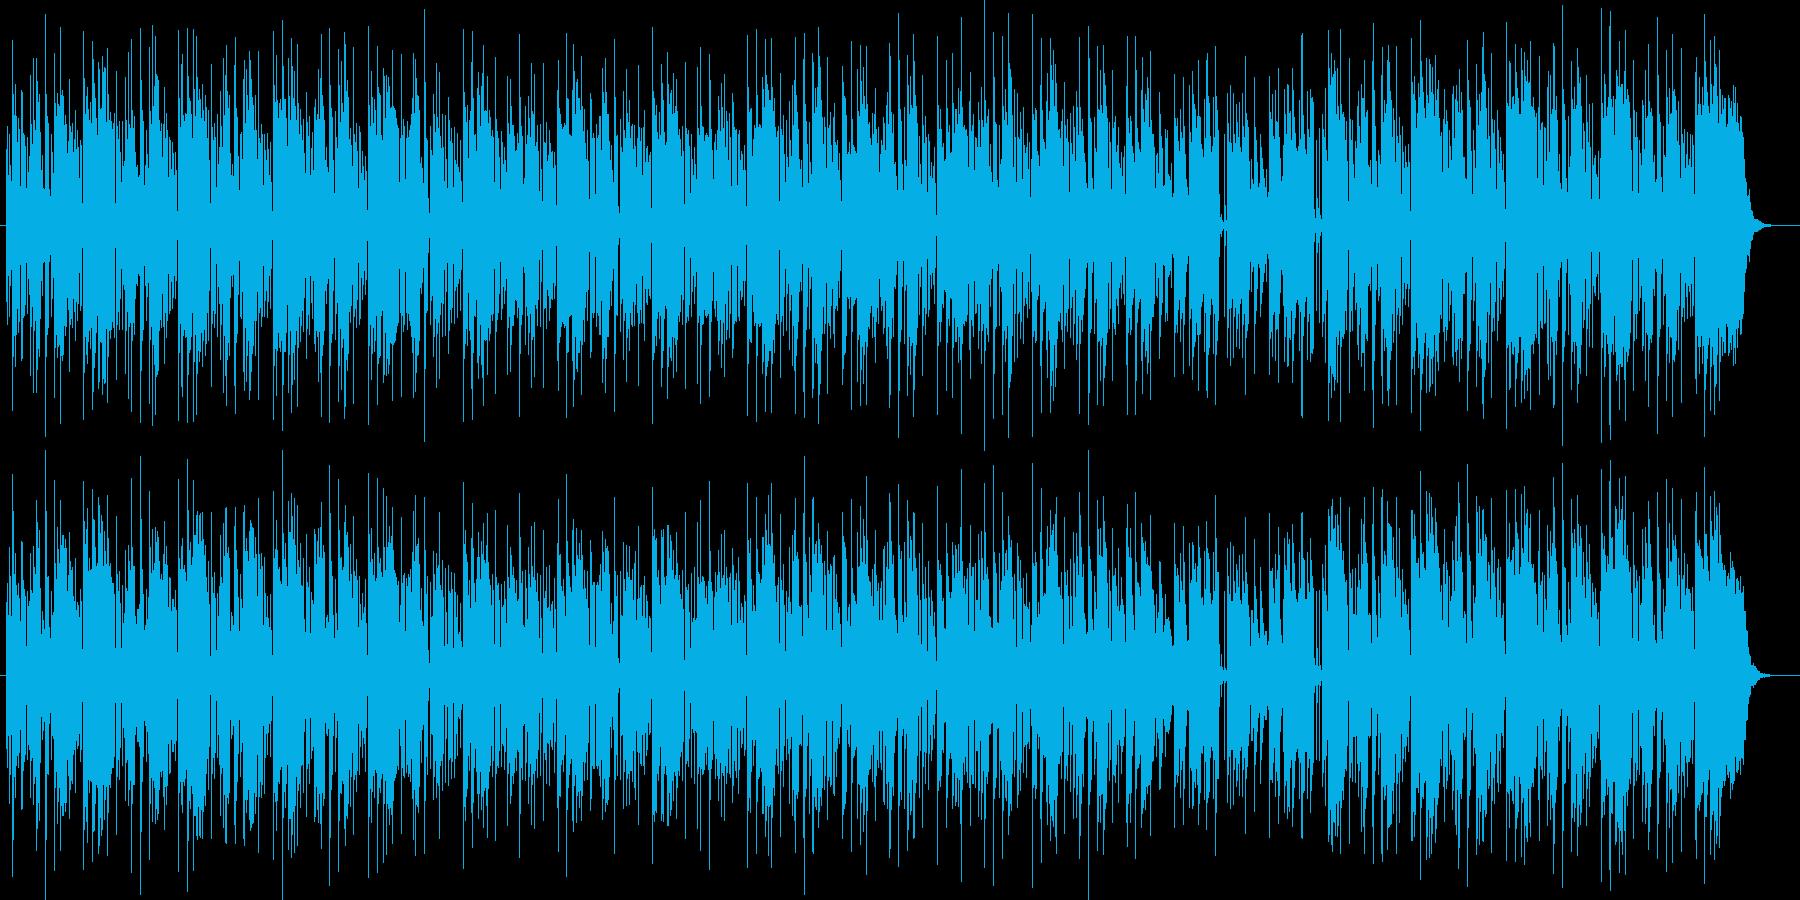 明るい綺麗なメロディーのピアノの曲の再生済みの波形